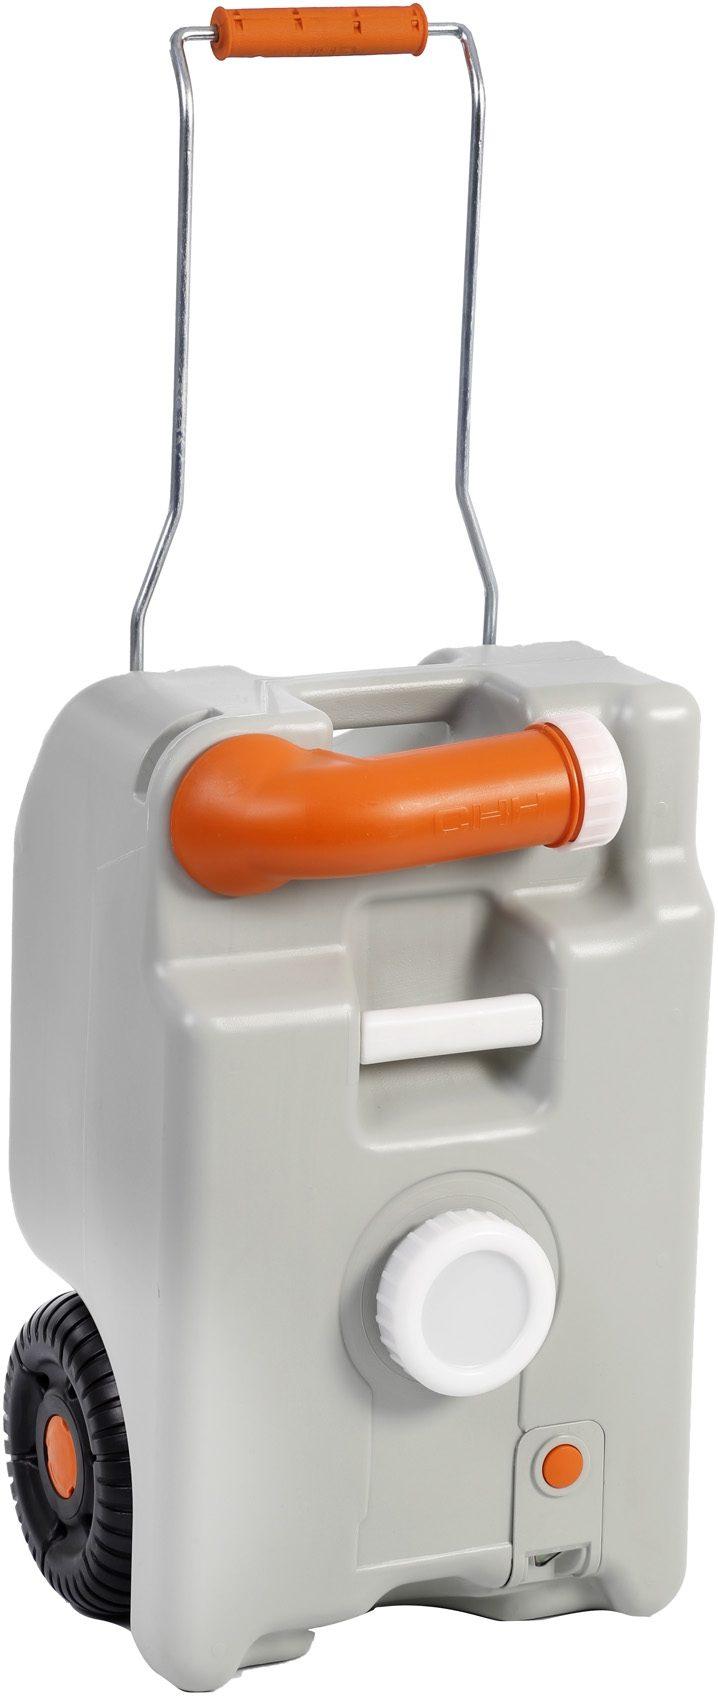 Serbatoio mobile Wedor CHH 22